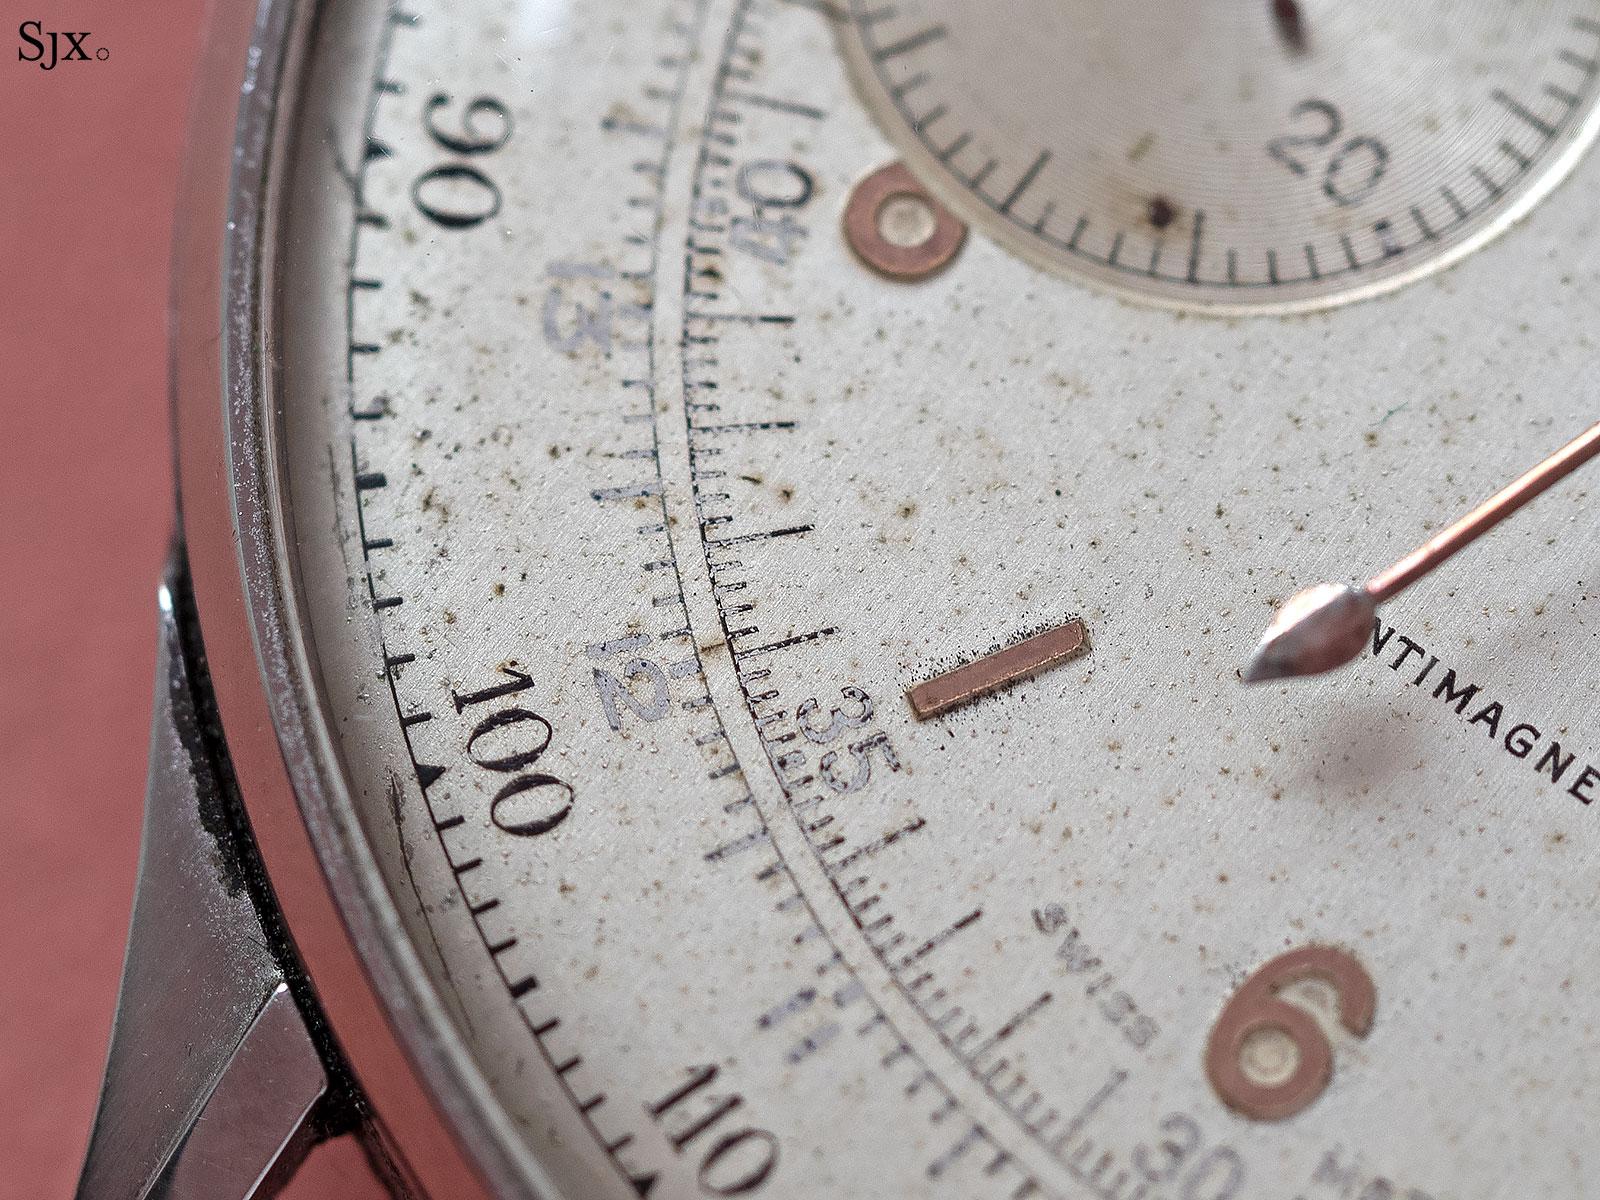 Rolex 4113 split seconds chronograph 3